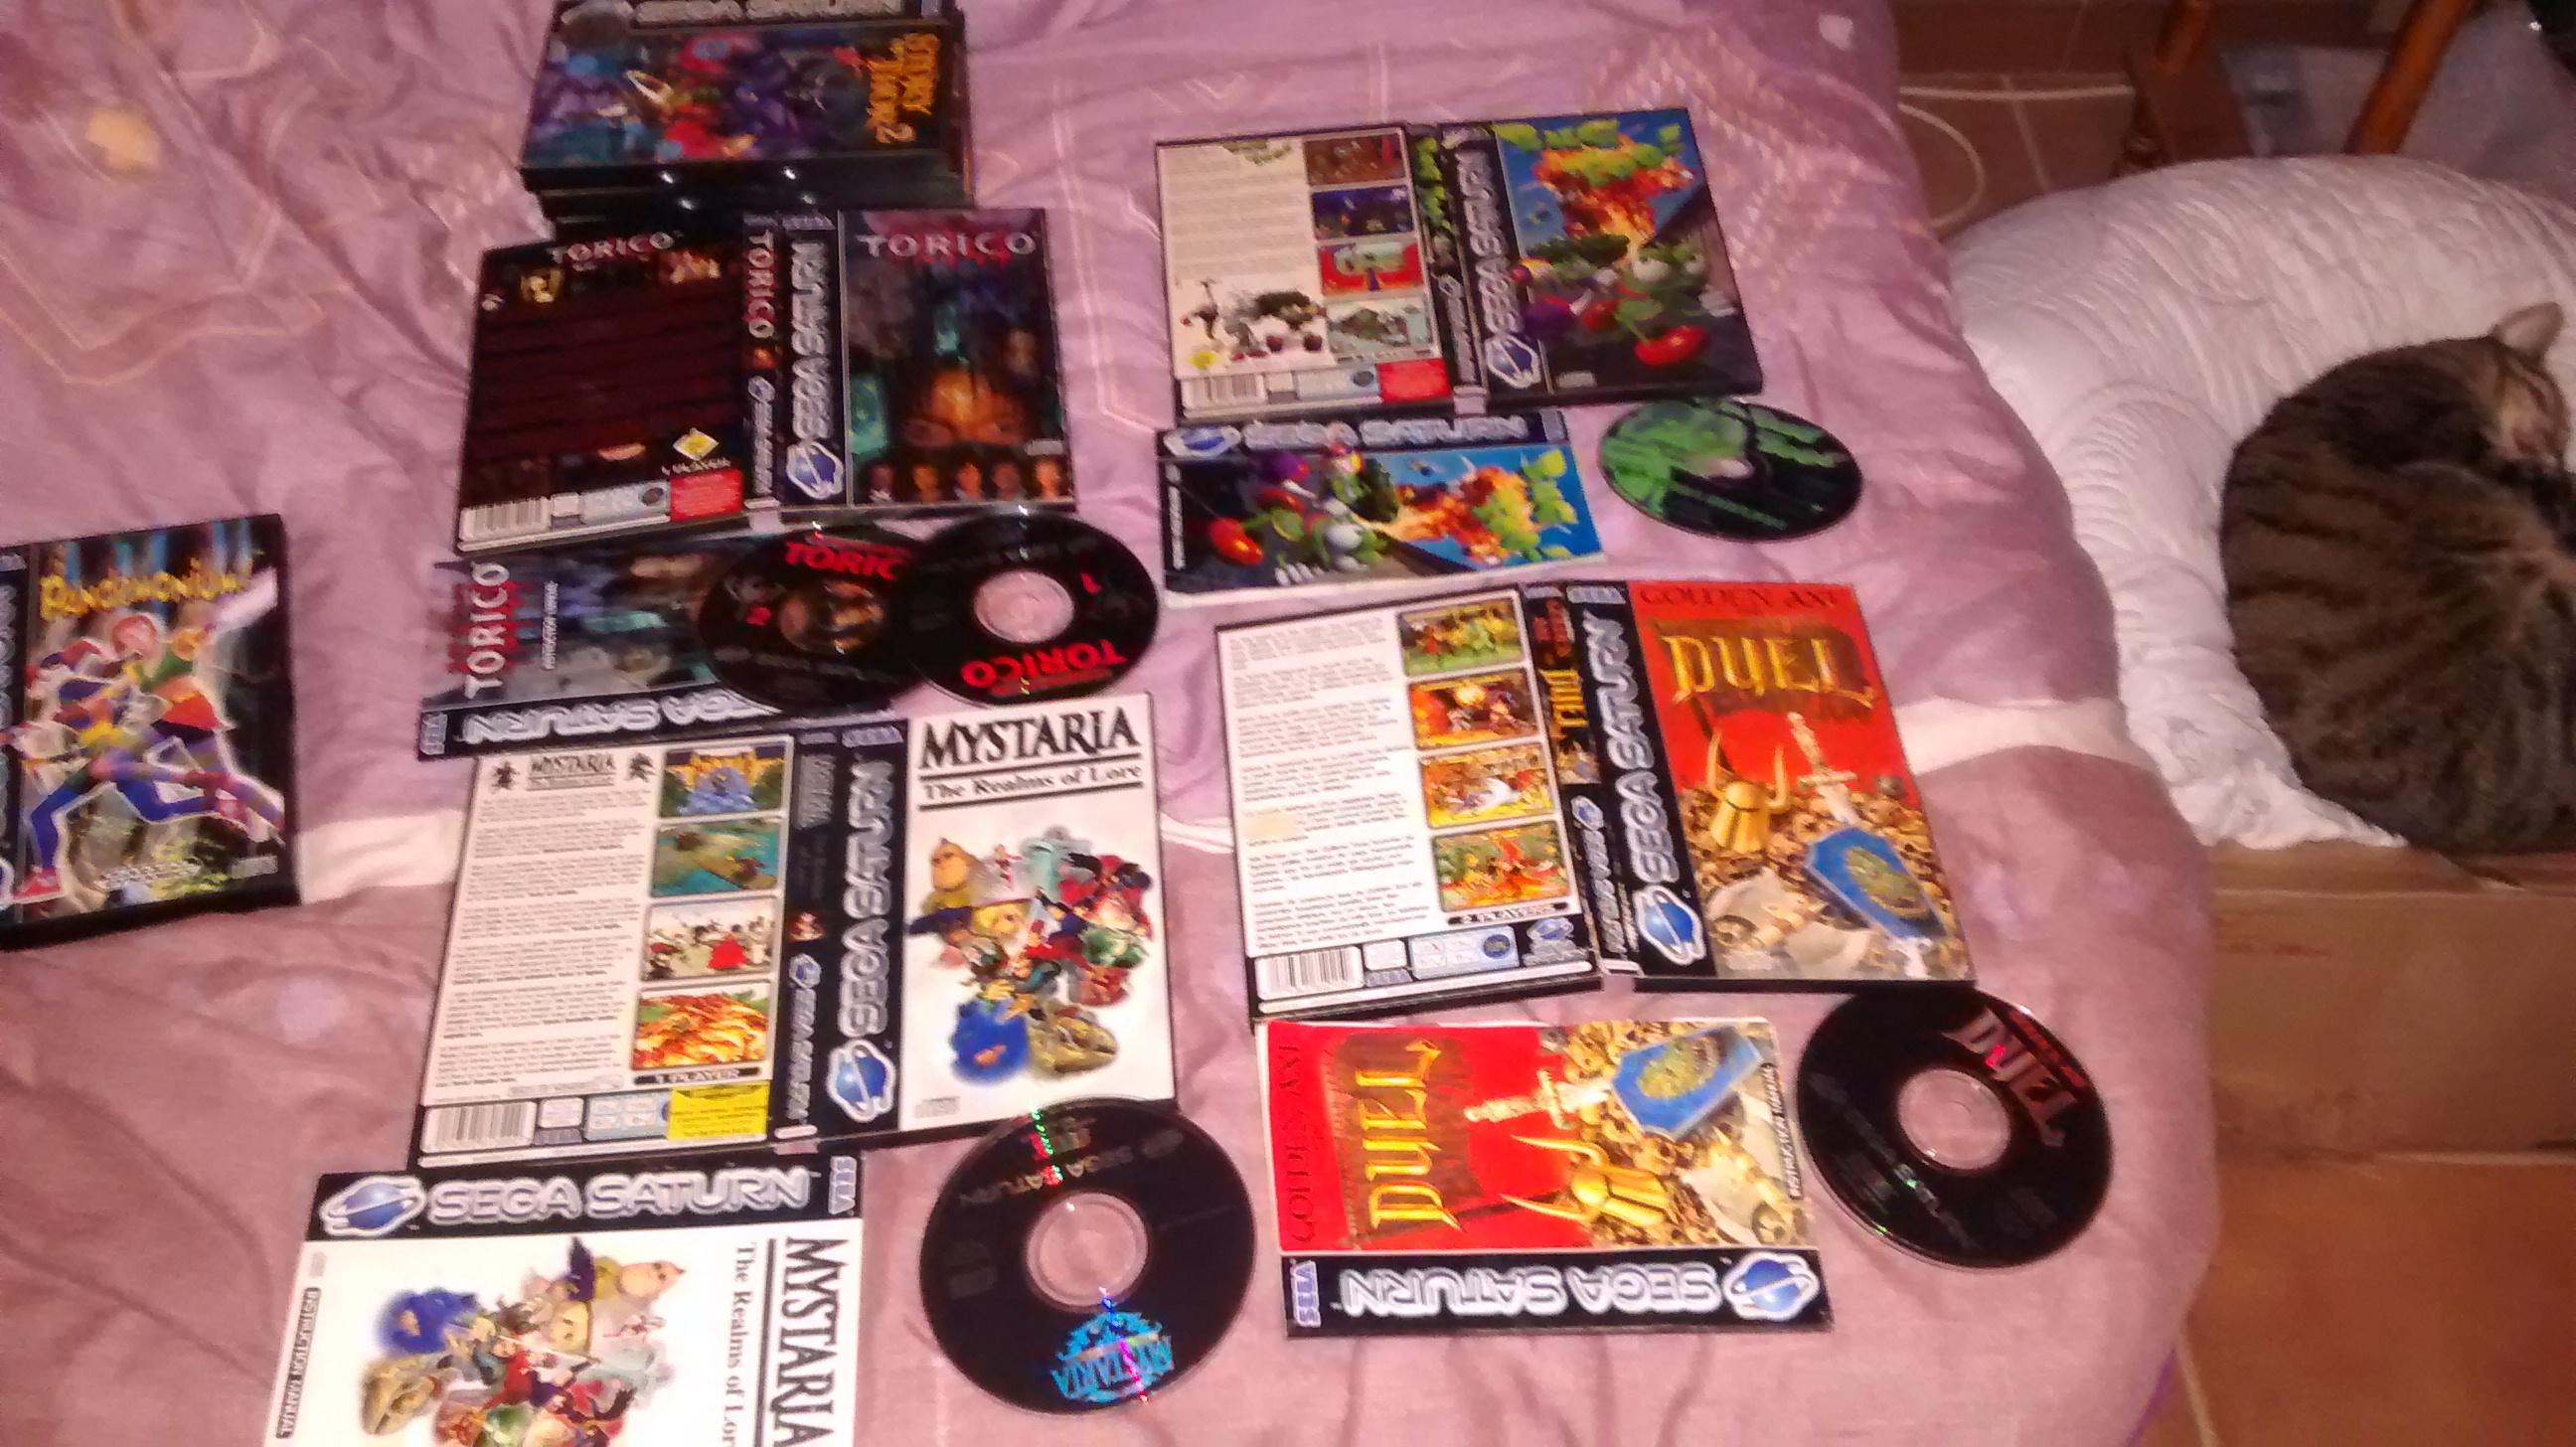 [Vds] Lot Dreamcast - MS/MD et Saturn Update 18/01 ajout Jeux Sat Jap - Page 3 648502IMG20160118011520565